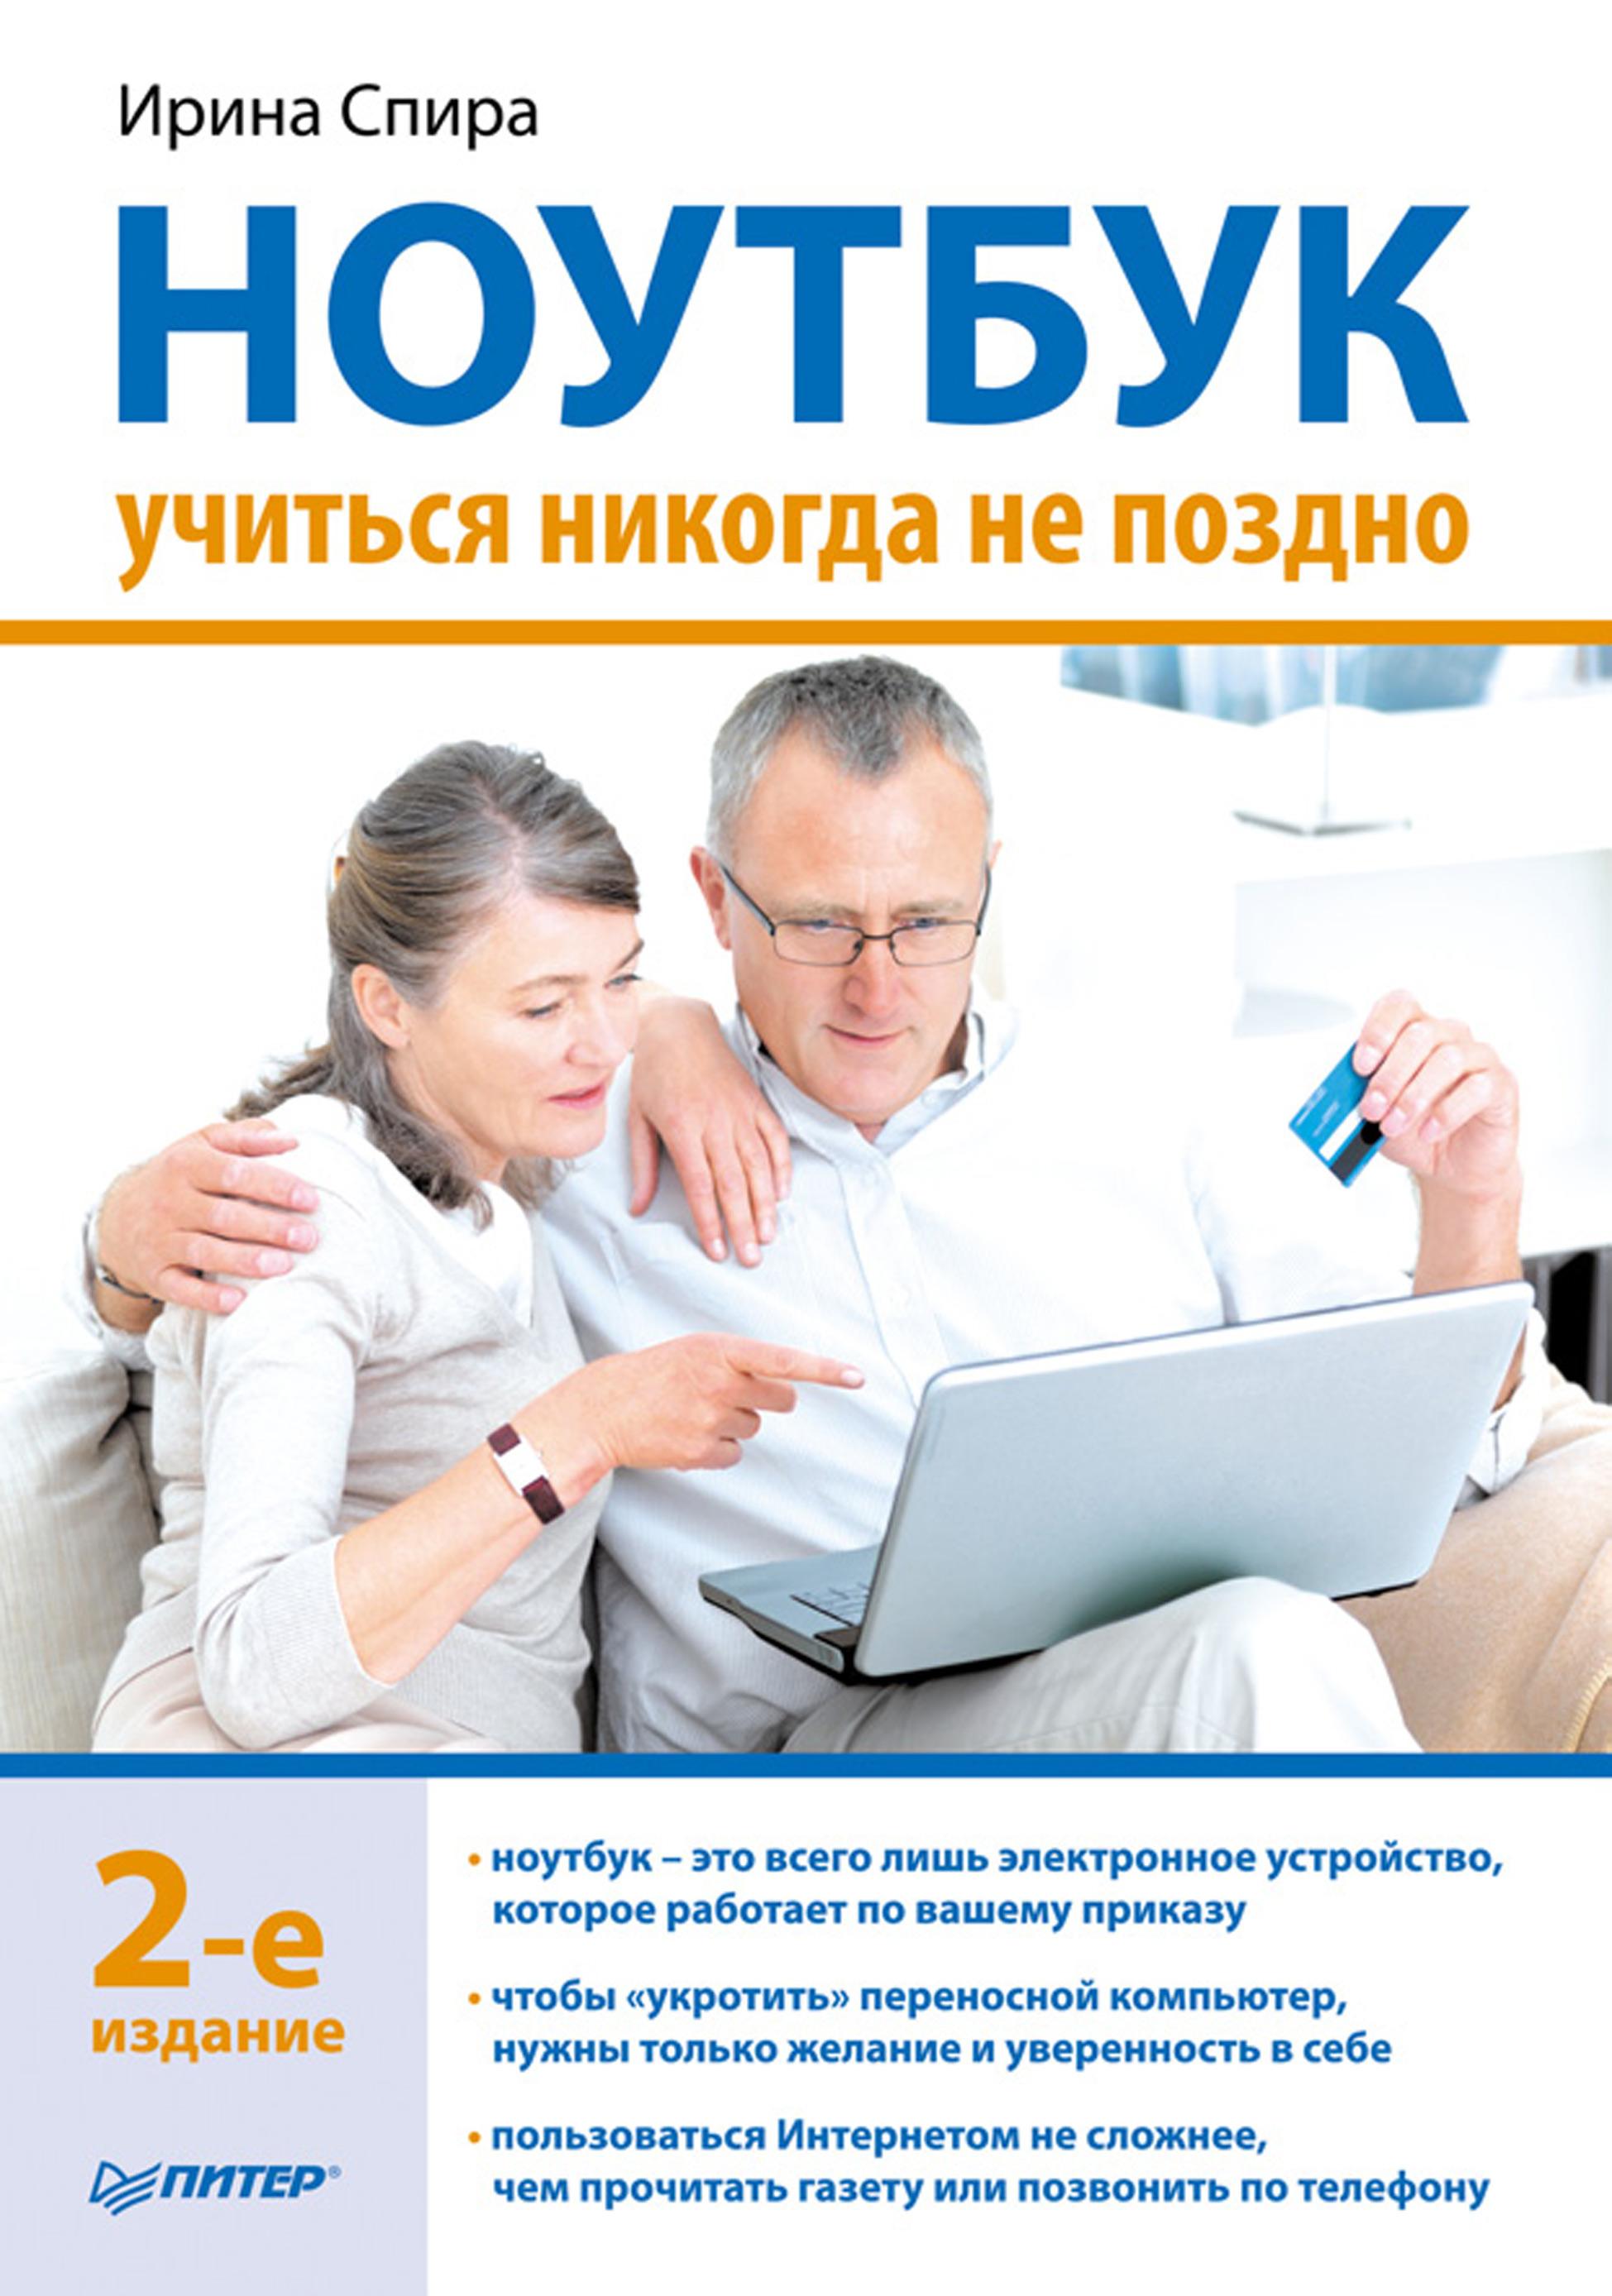 Ирина Спира Ноутбук: учиться никогда не поздно (2-е издание)